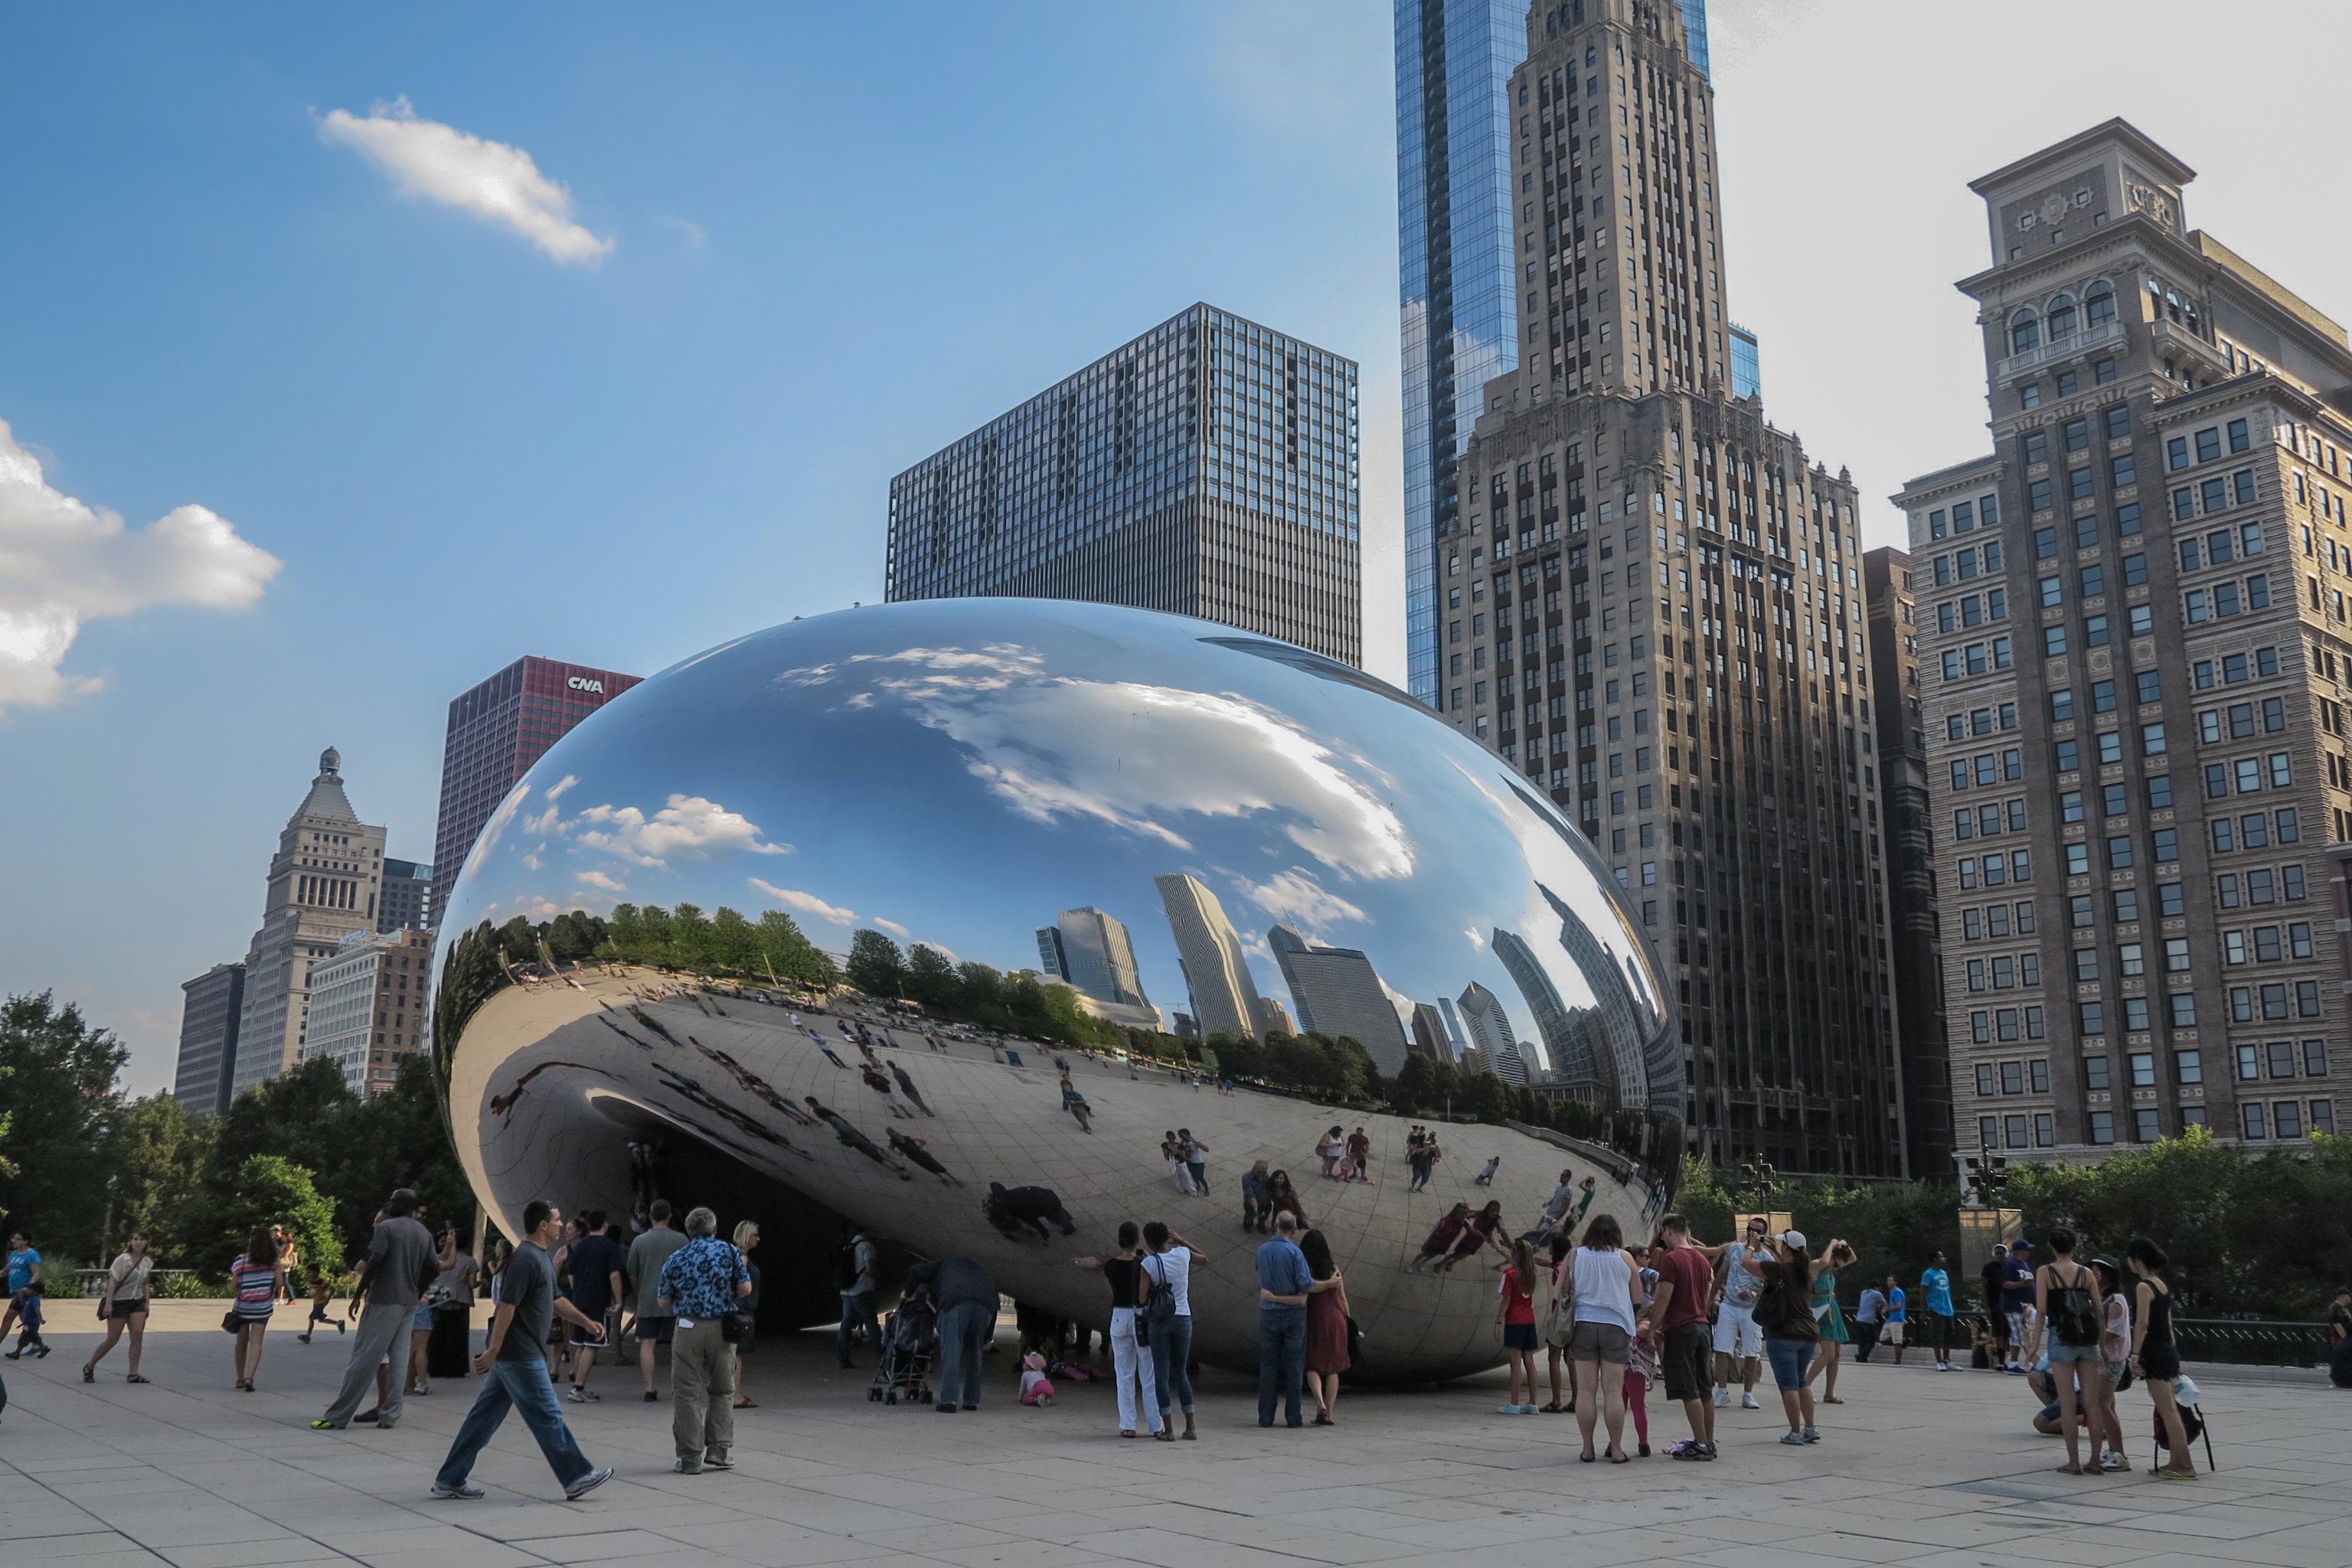 Cloud Gate at Millennium Park, Chicago